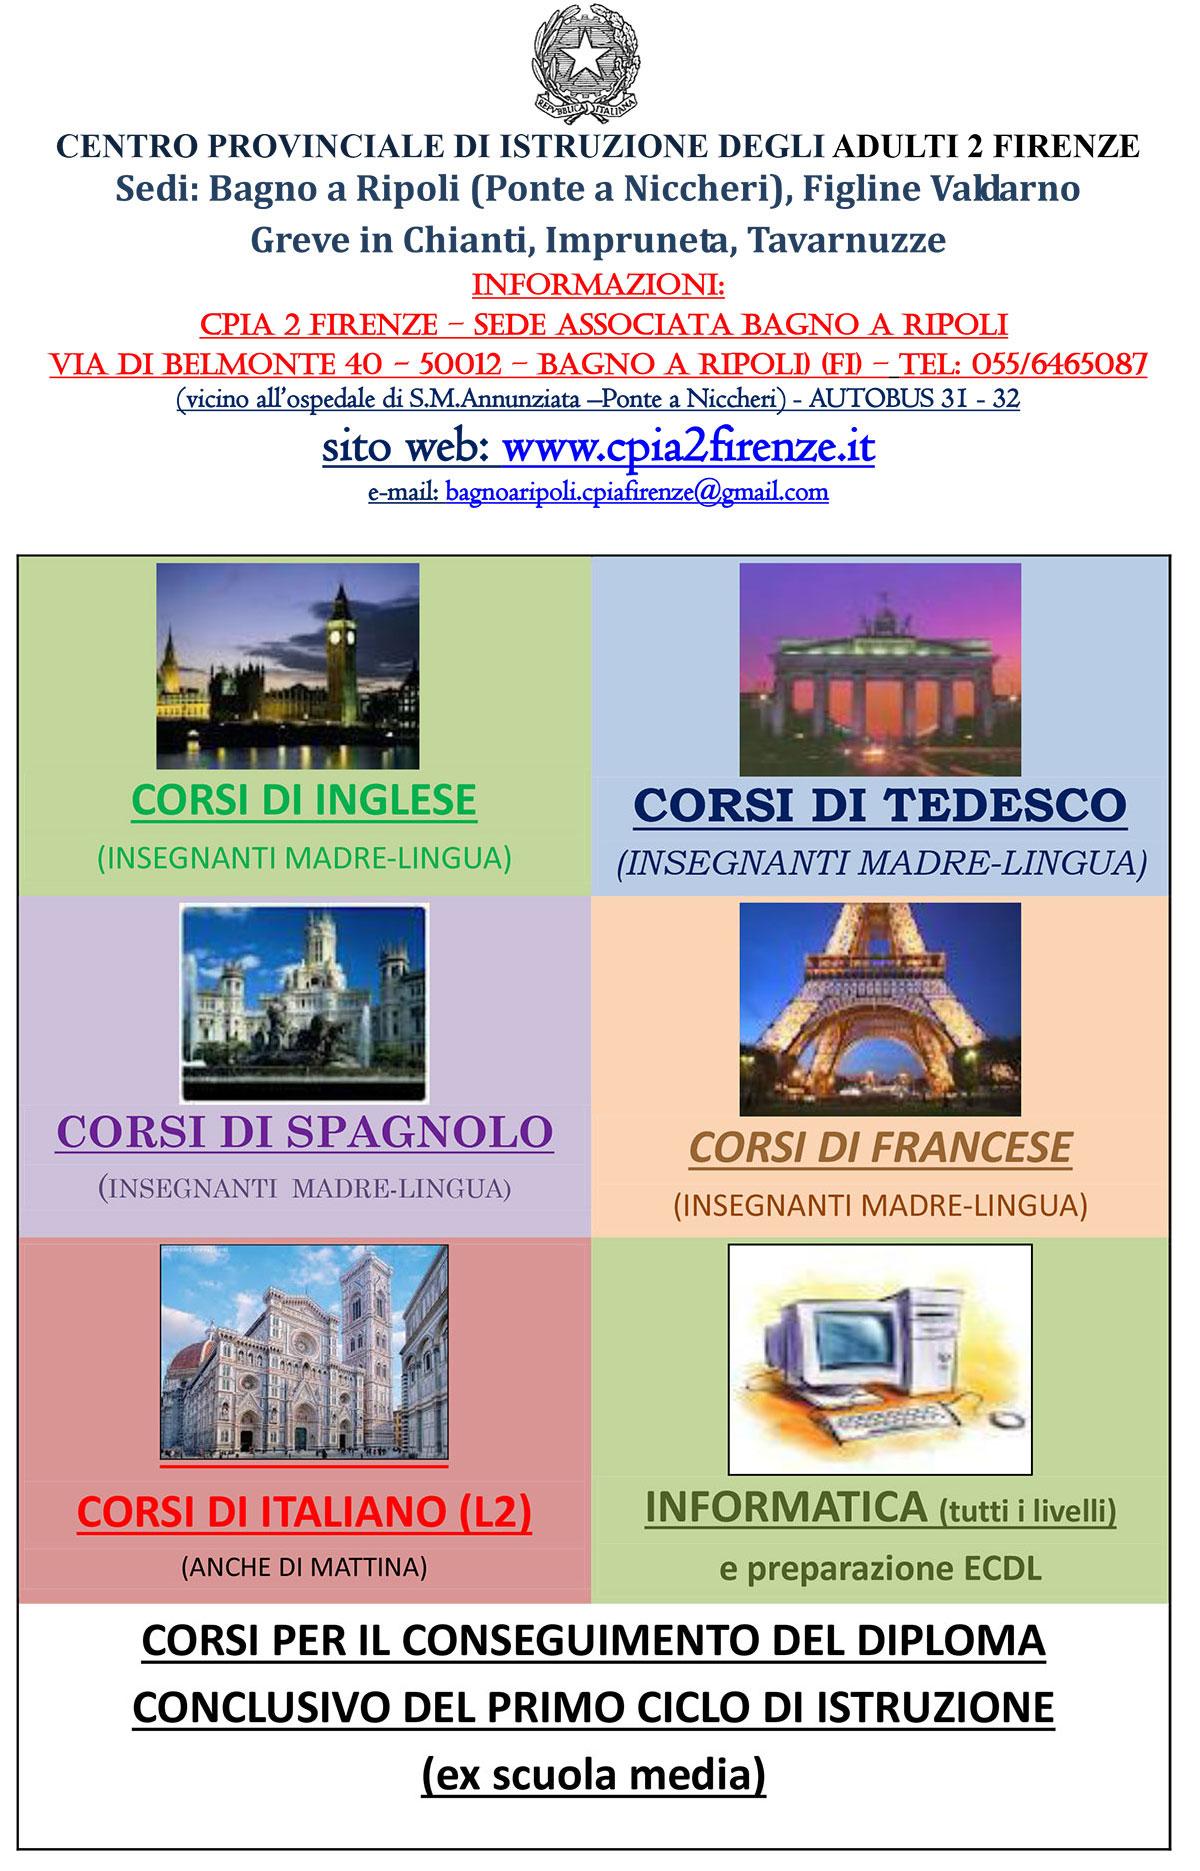 Iscrizioni al CPIA - CPIA 2 Firenze